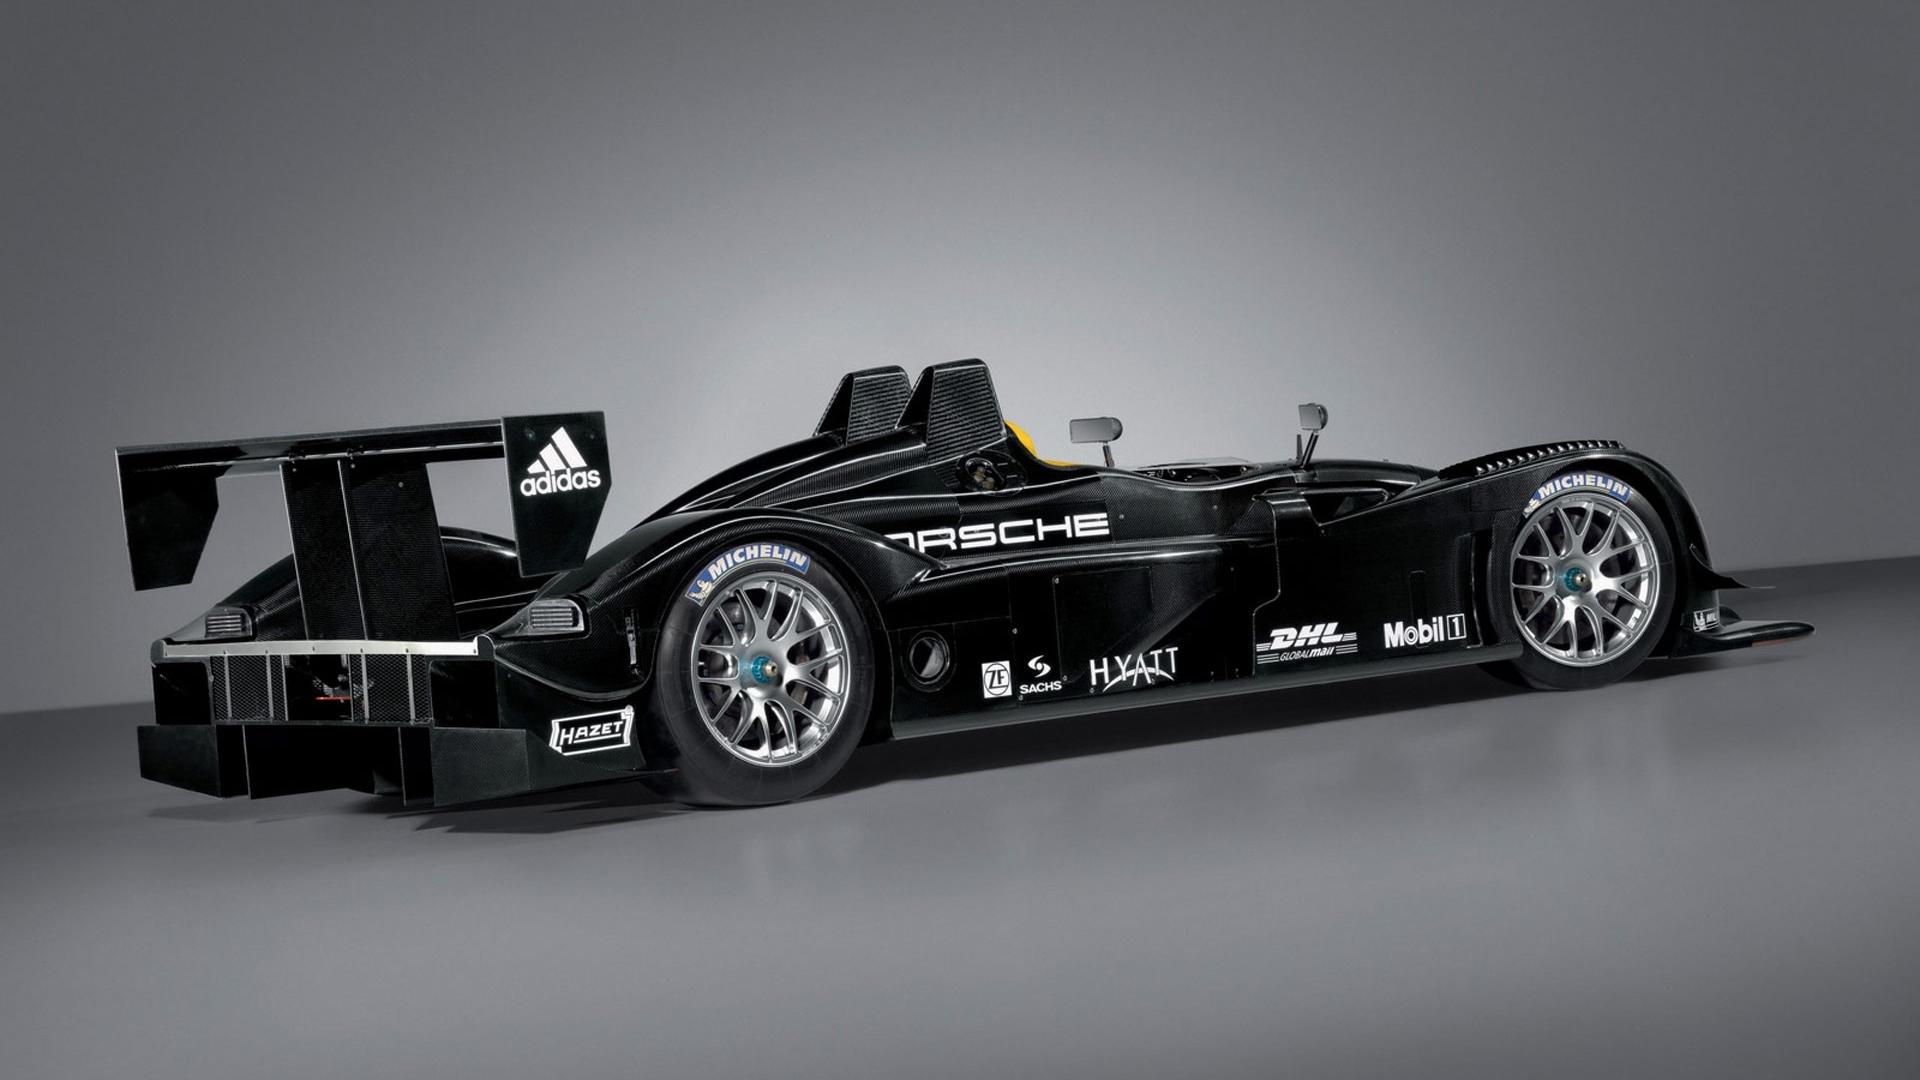 Скачать картинку Формула-1 (Formula-1, F1), Машины, Транспорт в телефон бесплатно.